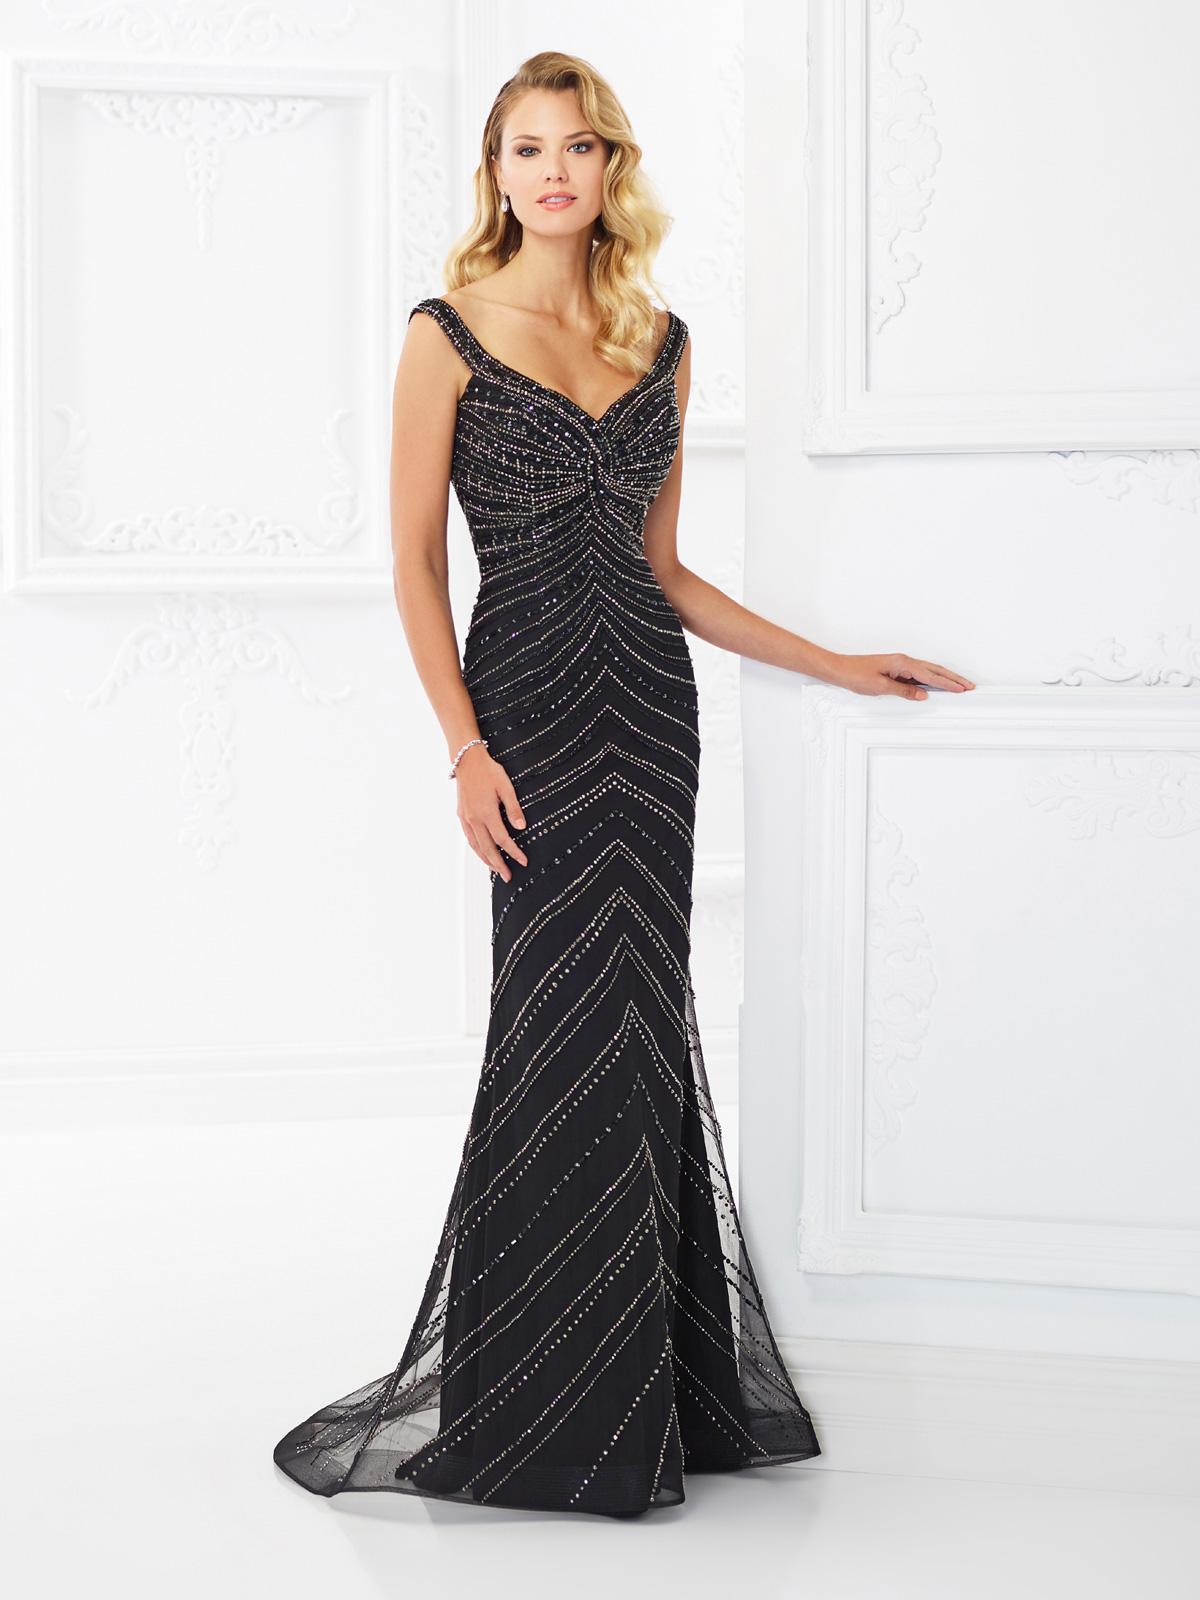 Vestido de Festa encantador com decote princesa, corte reto com sobreposição de tule francês todo rebordado em pedrarias.